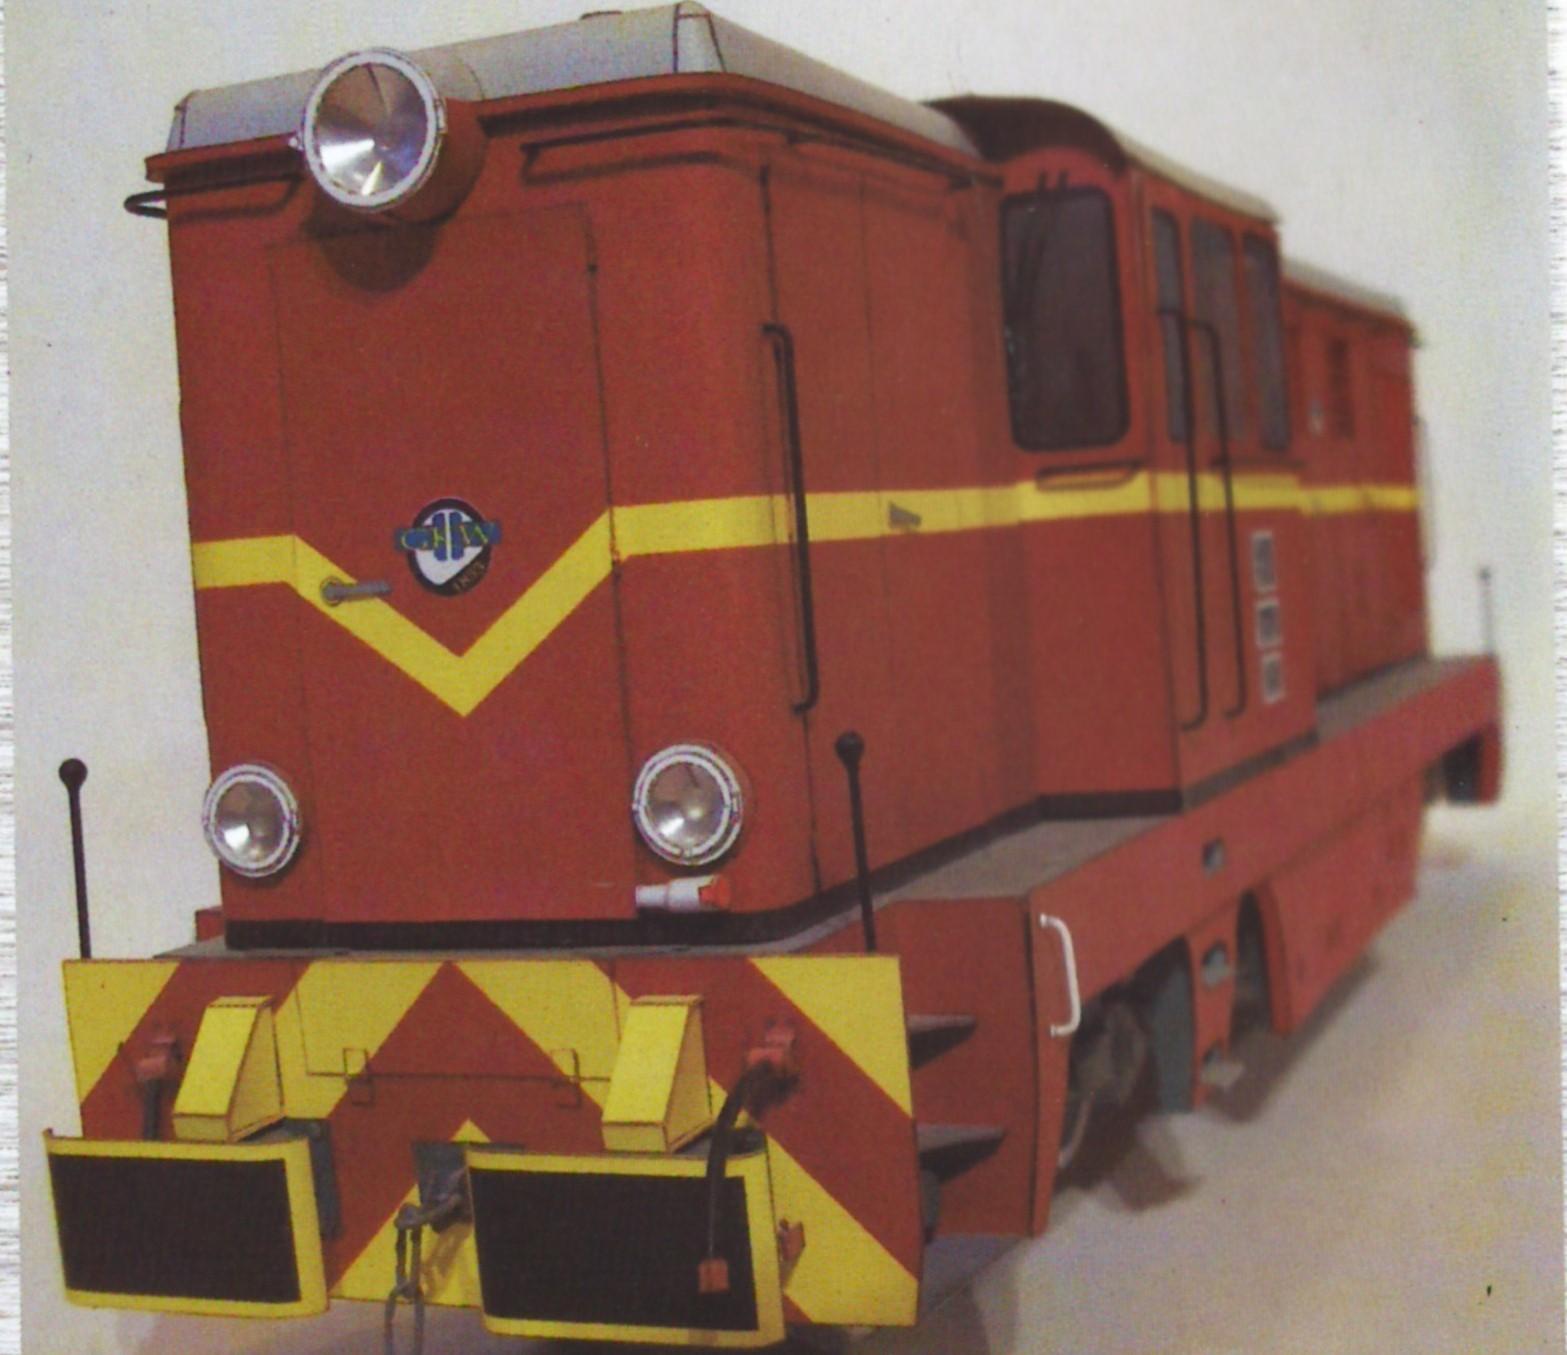 diesel engine lxd2